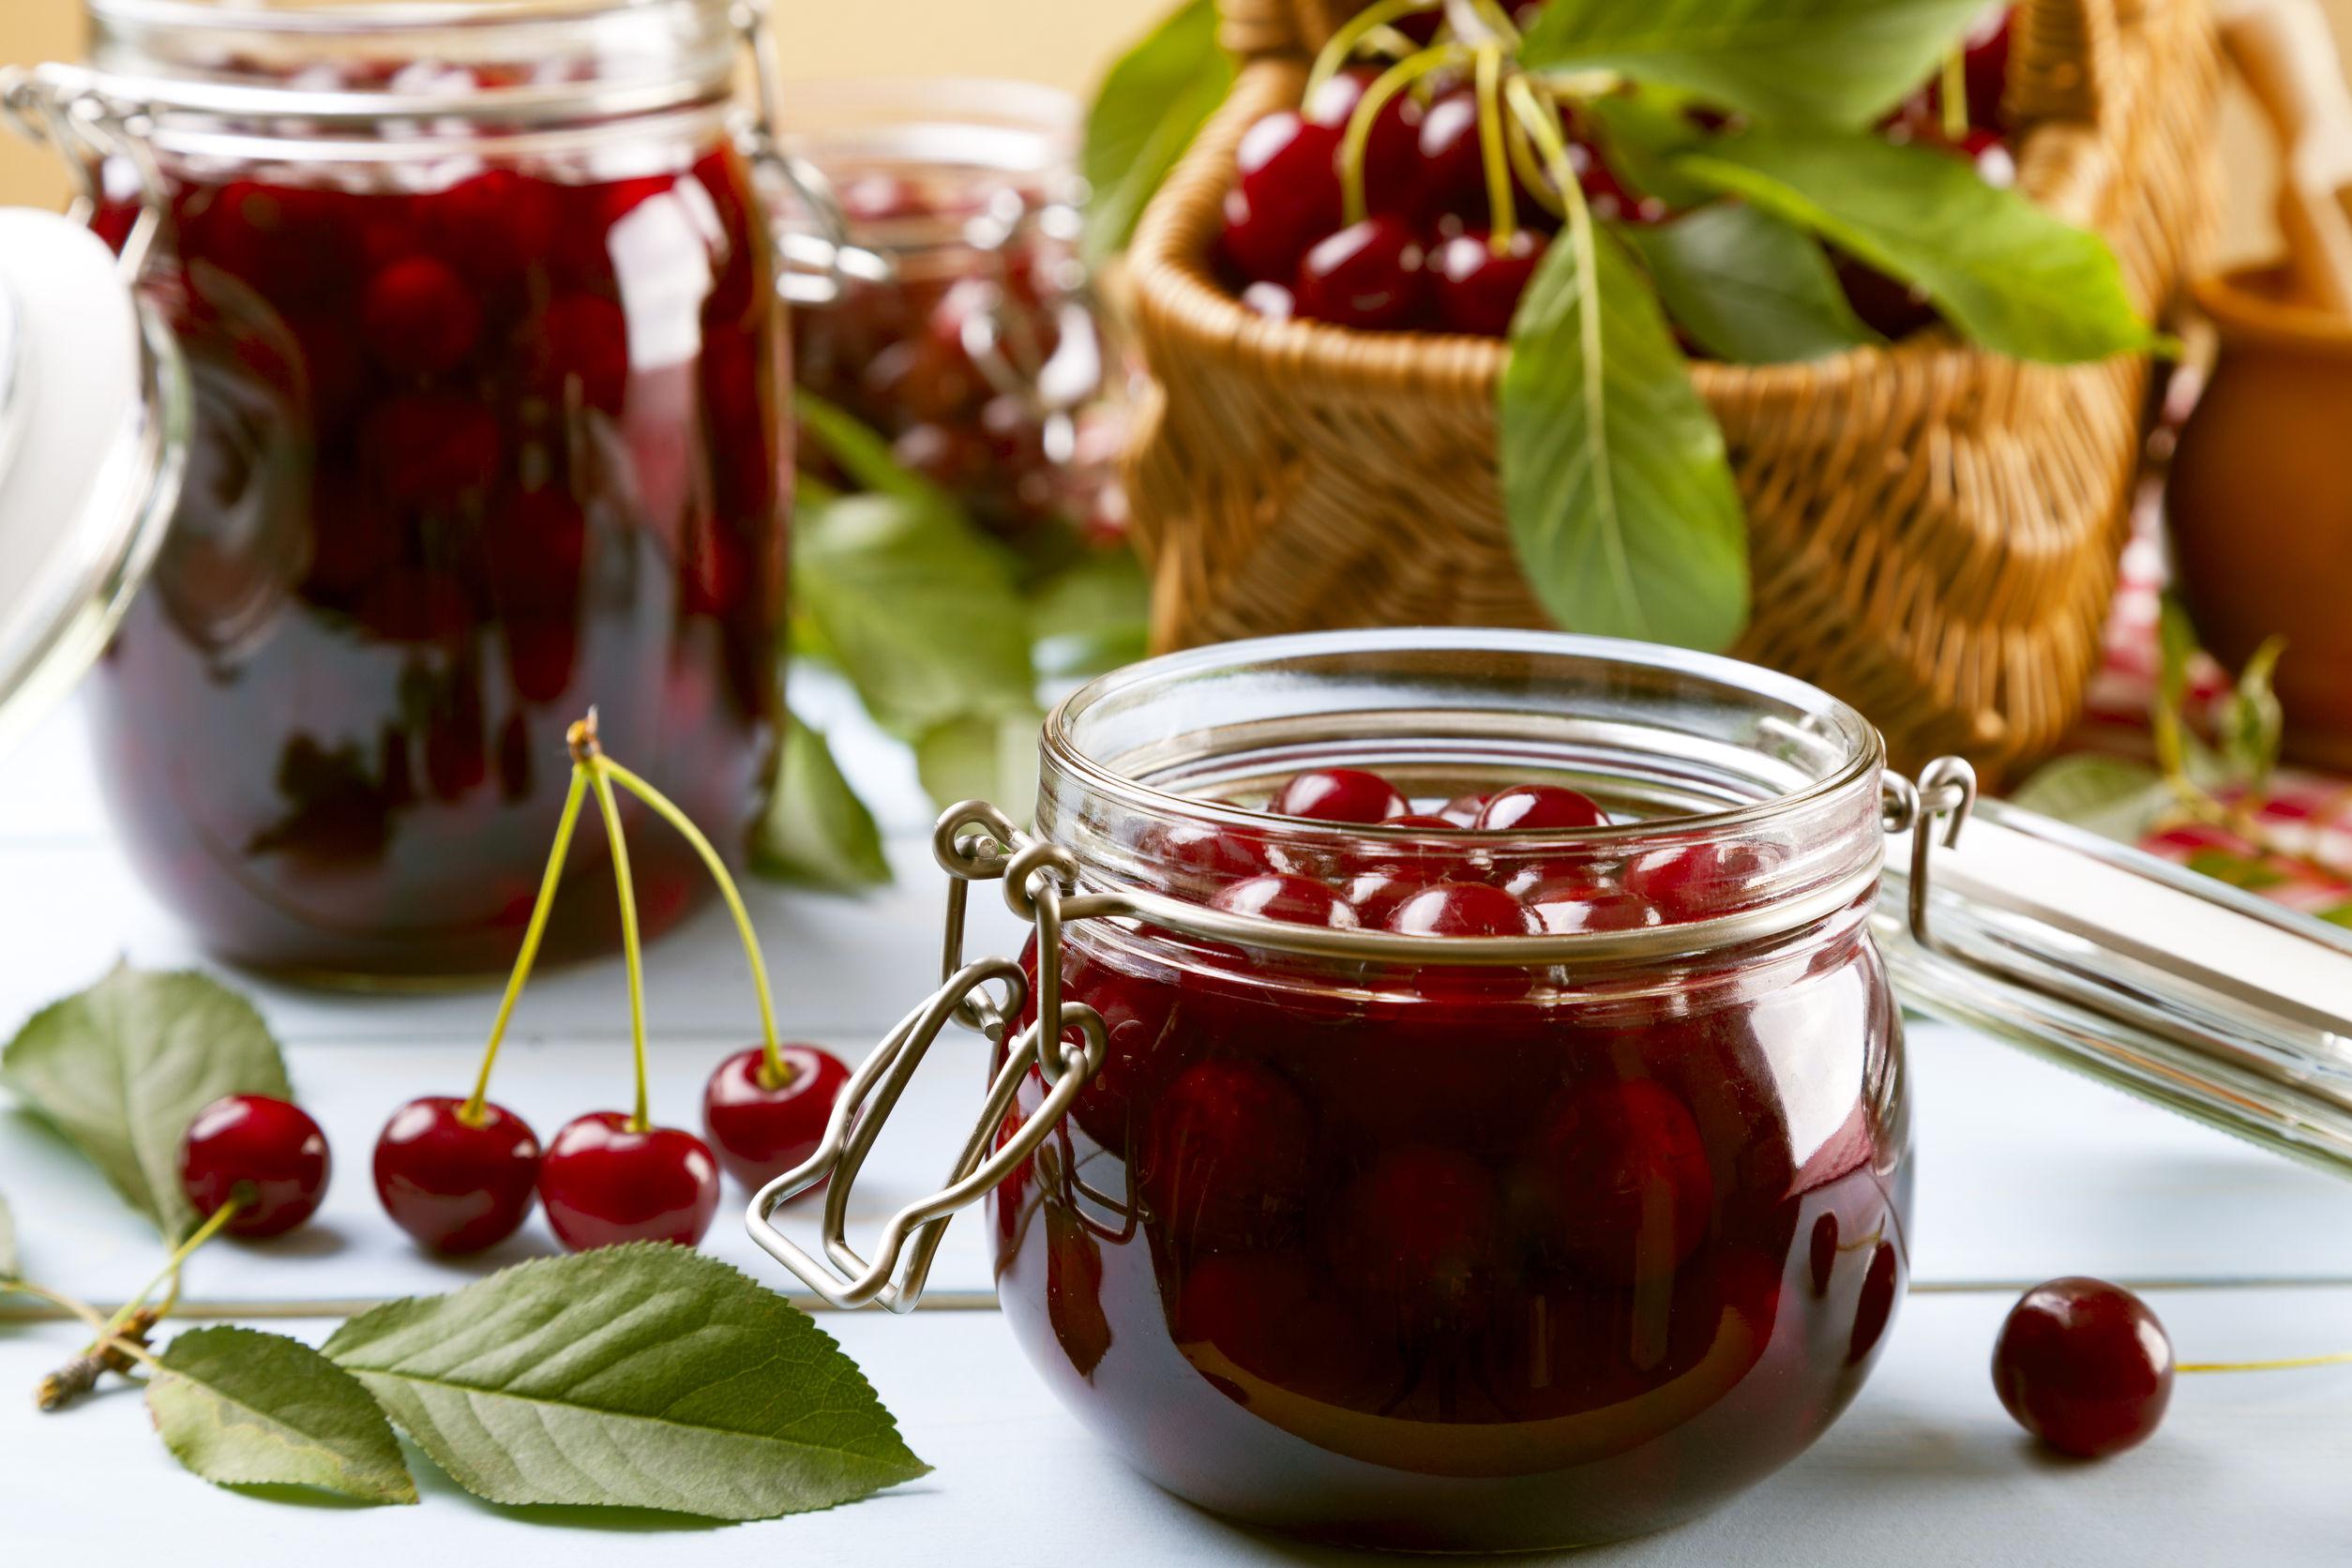 cerises cherries